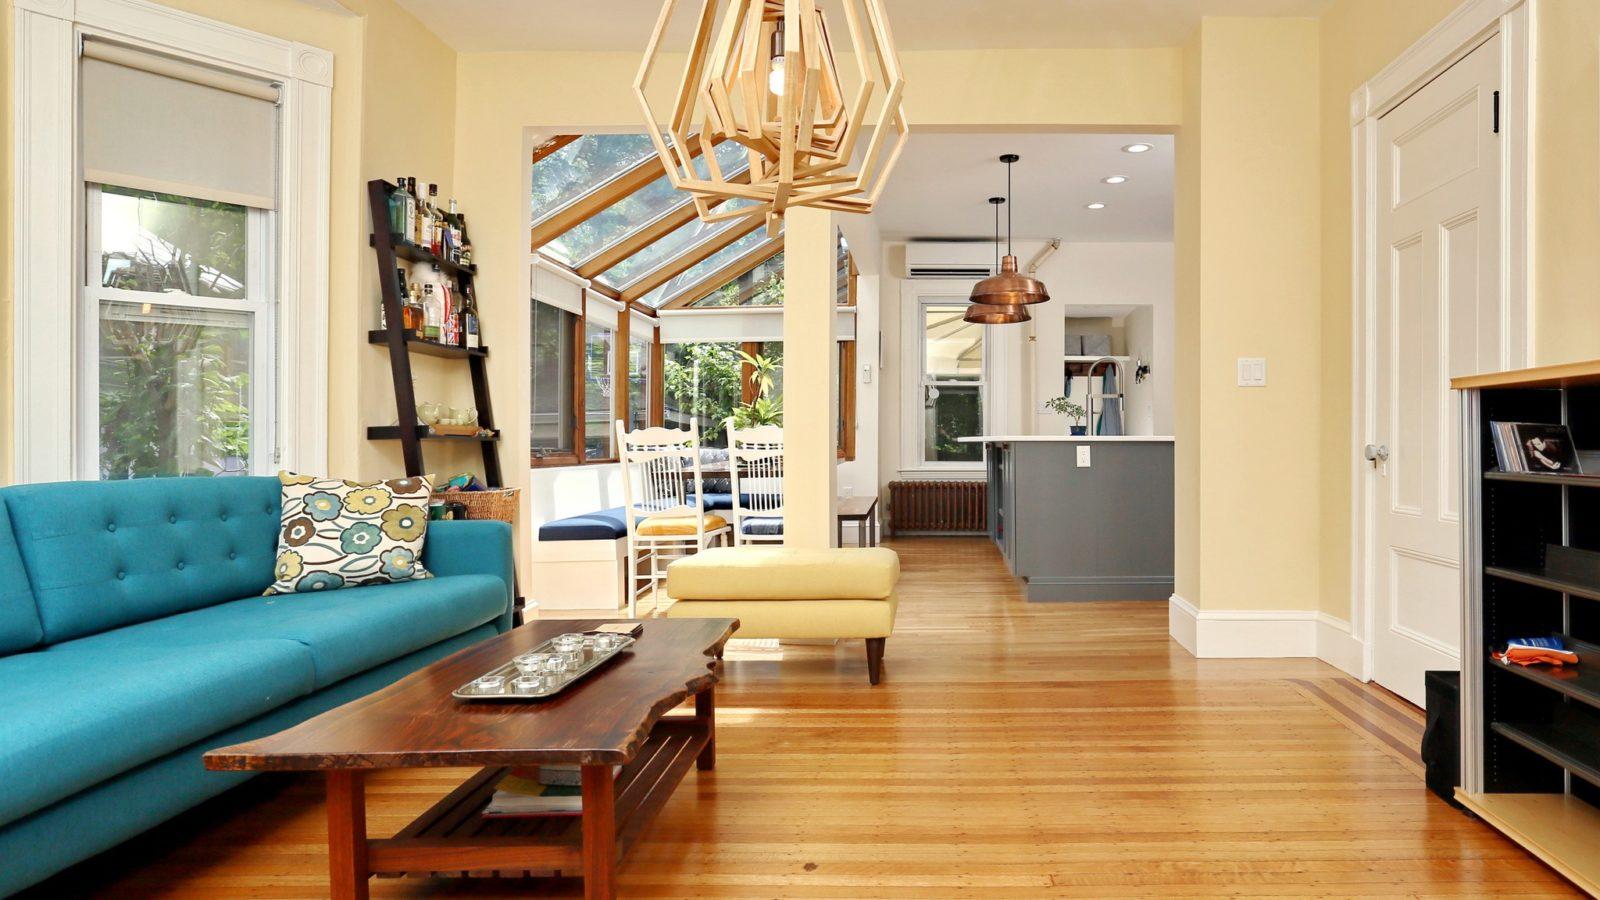 Den with hardwood floor